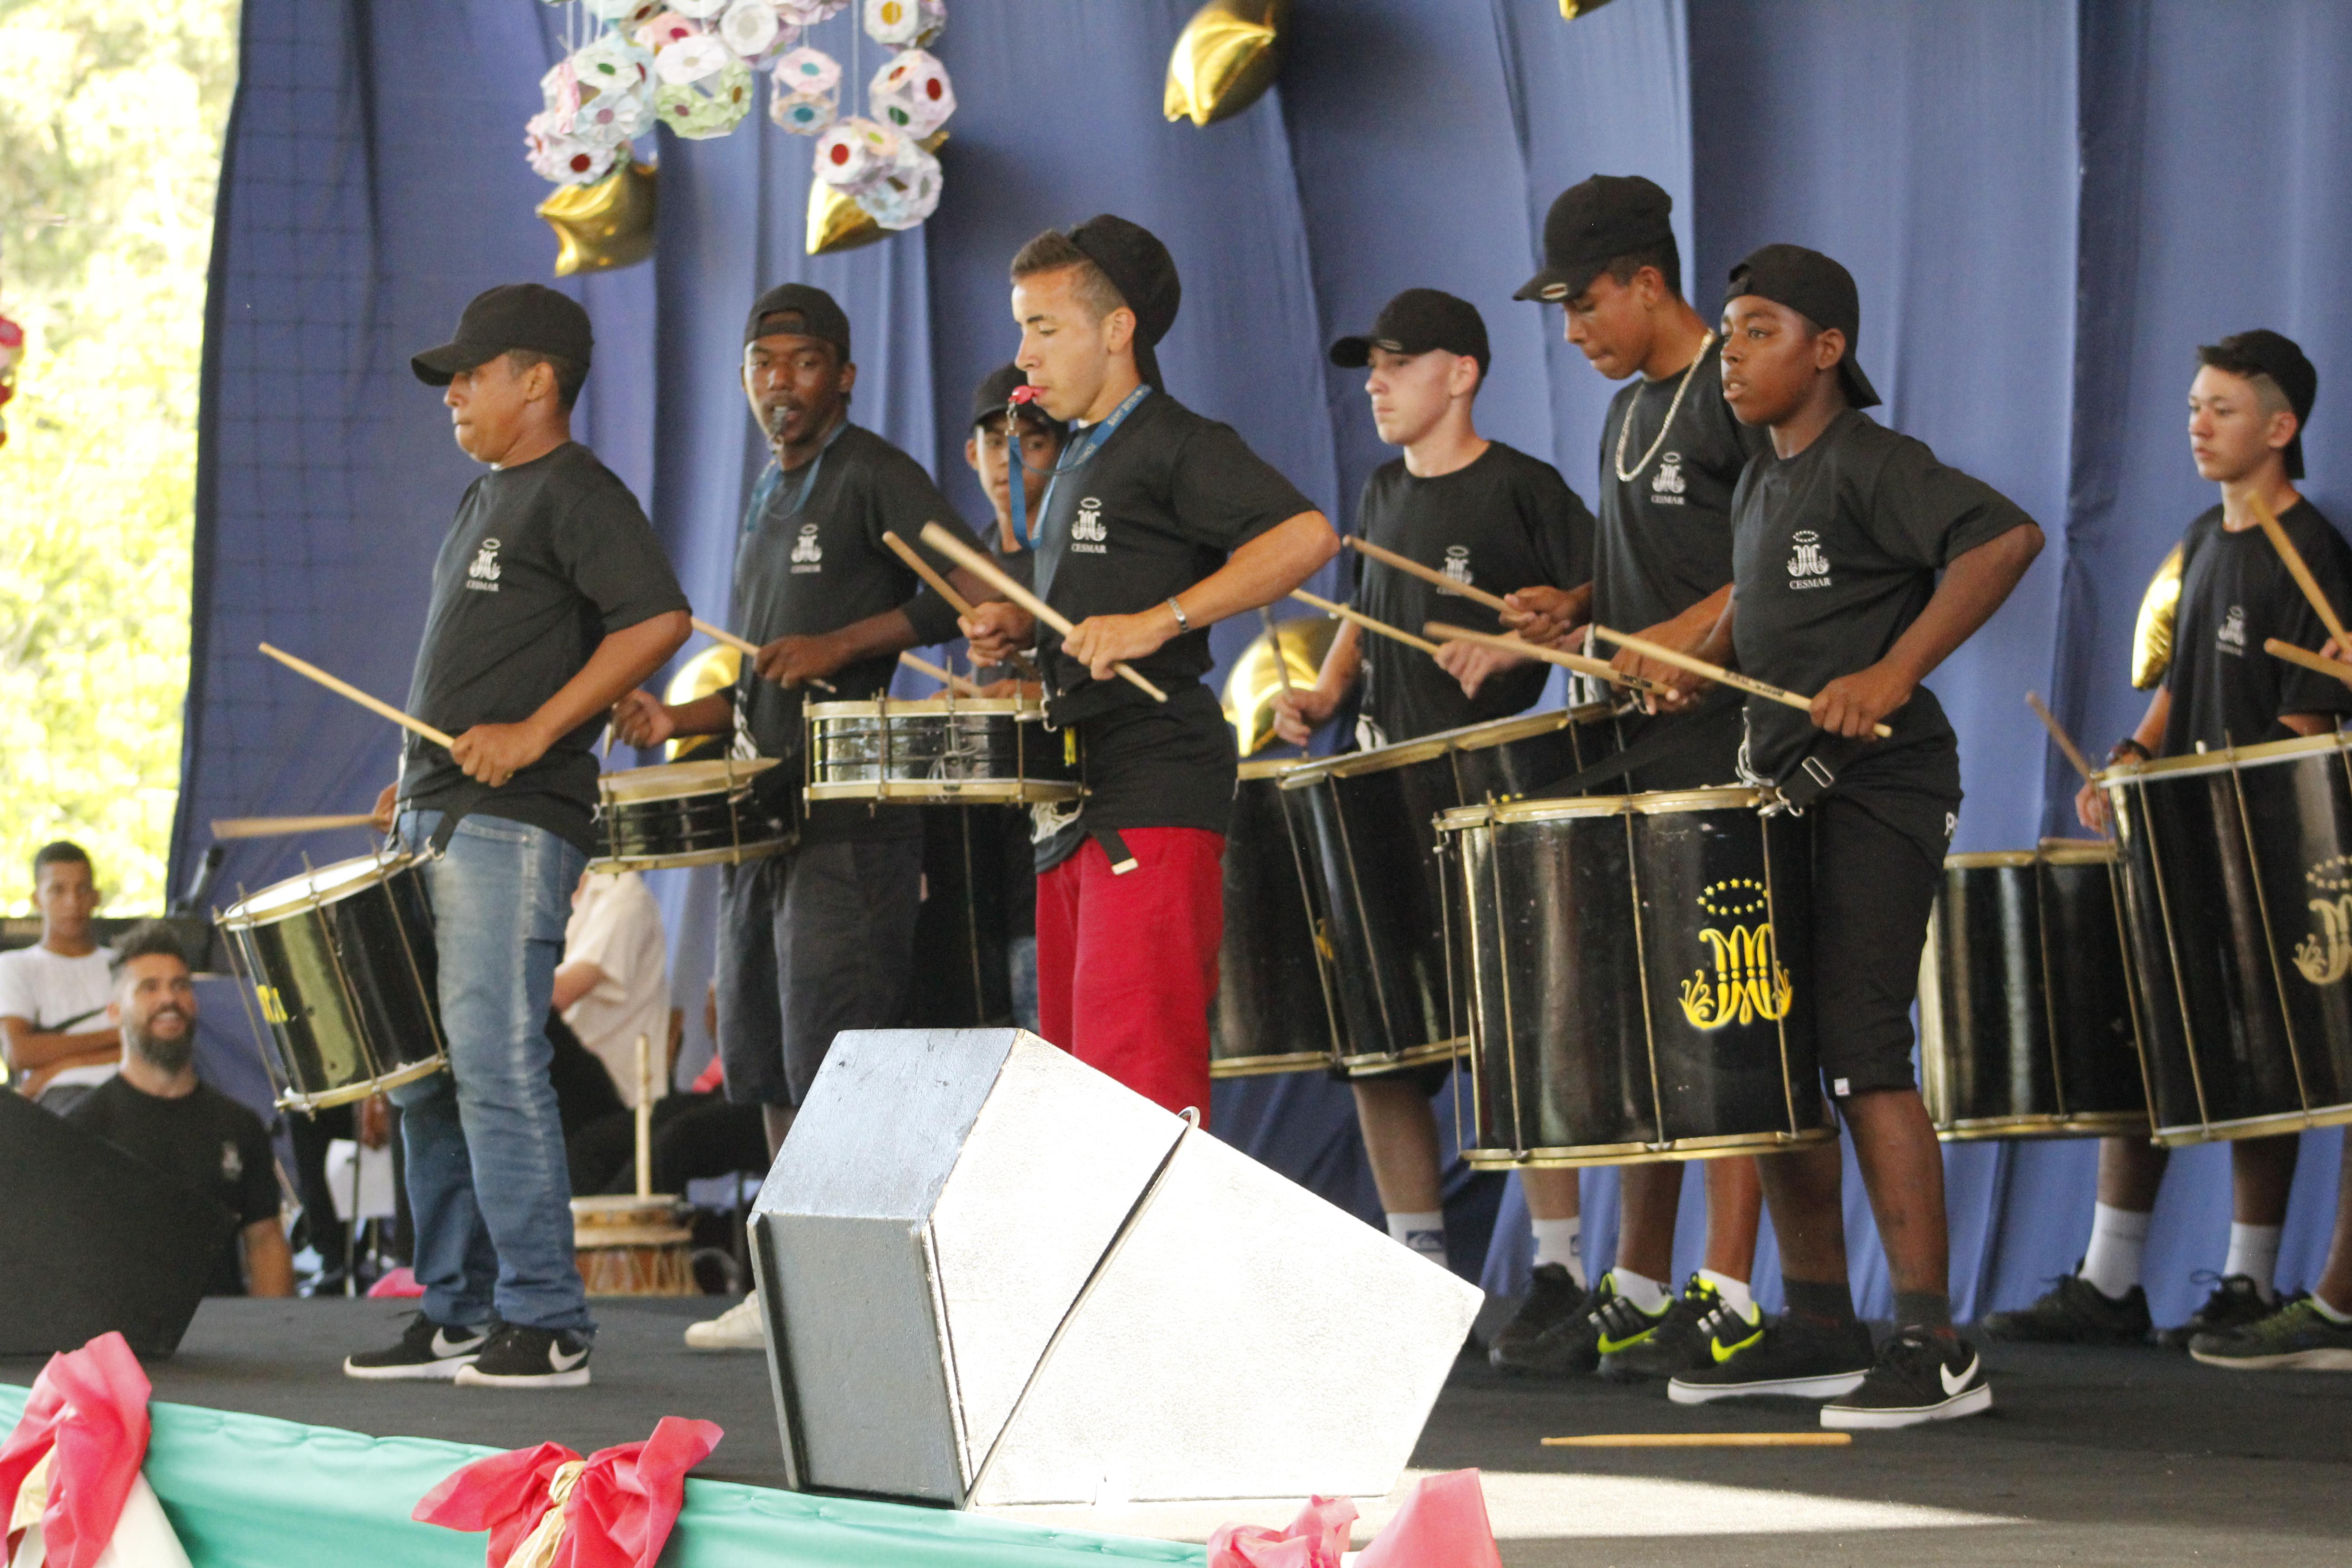 Música como forma de inclusão social